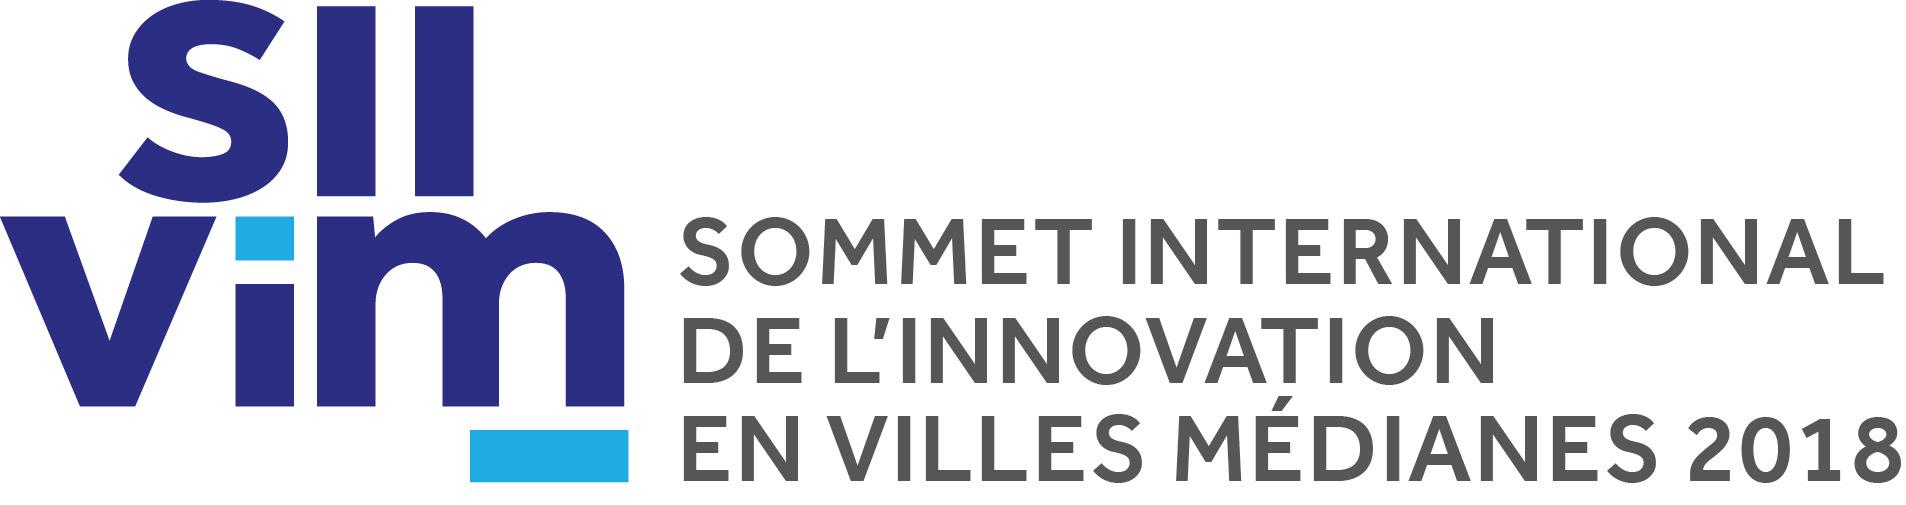 SIIVIM - Sommet international de l'innovation en villes médianes